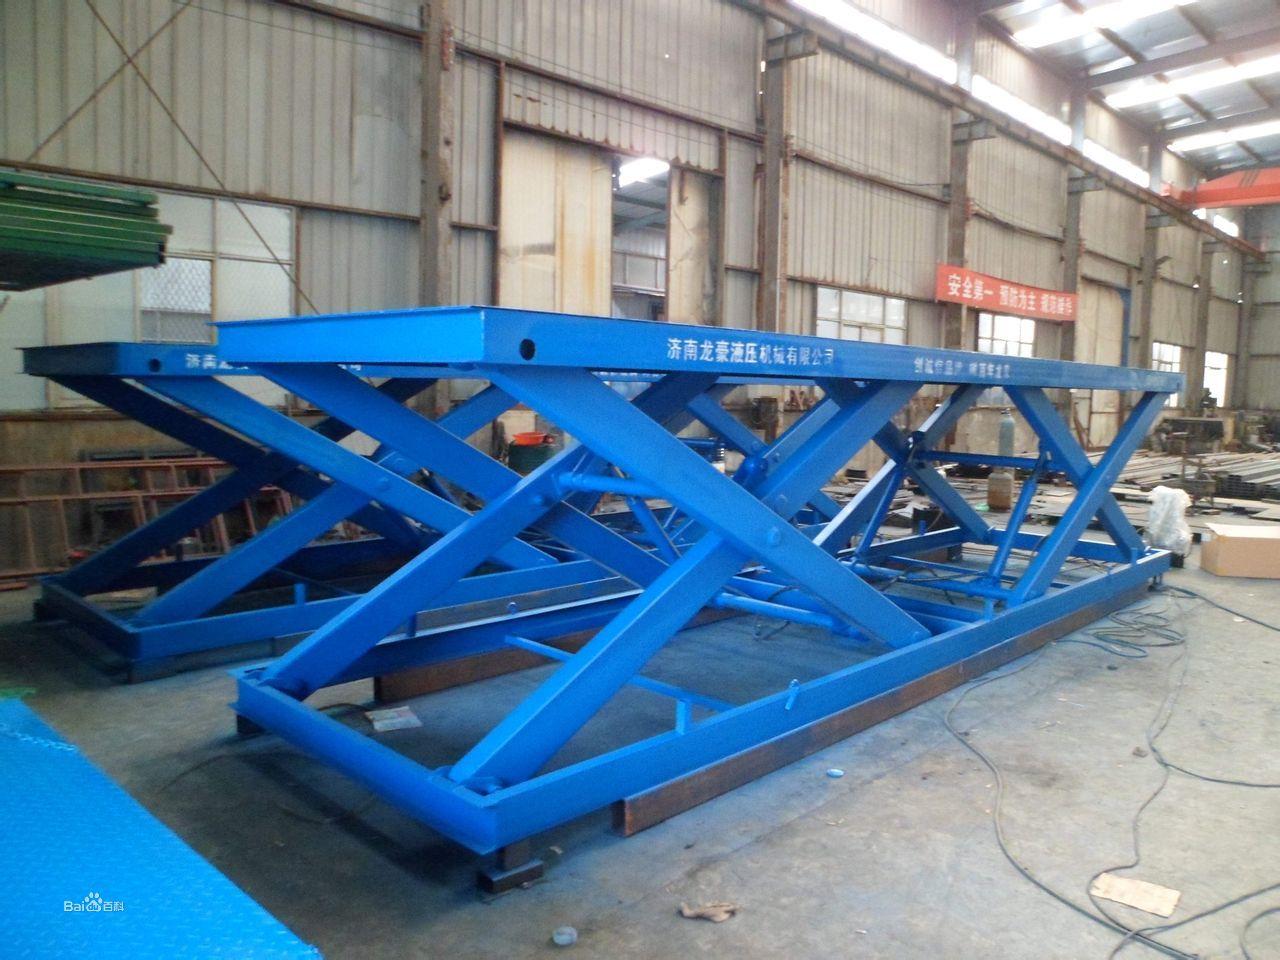 平台   是用于建筑物层高间运送货物的专用液压升降台产品主要用各种图片